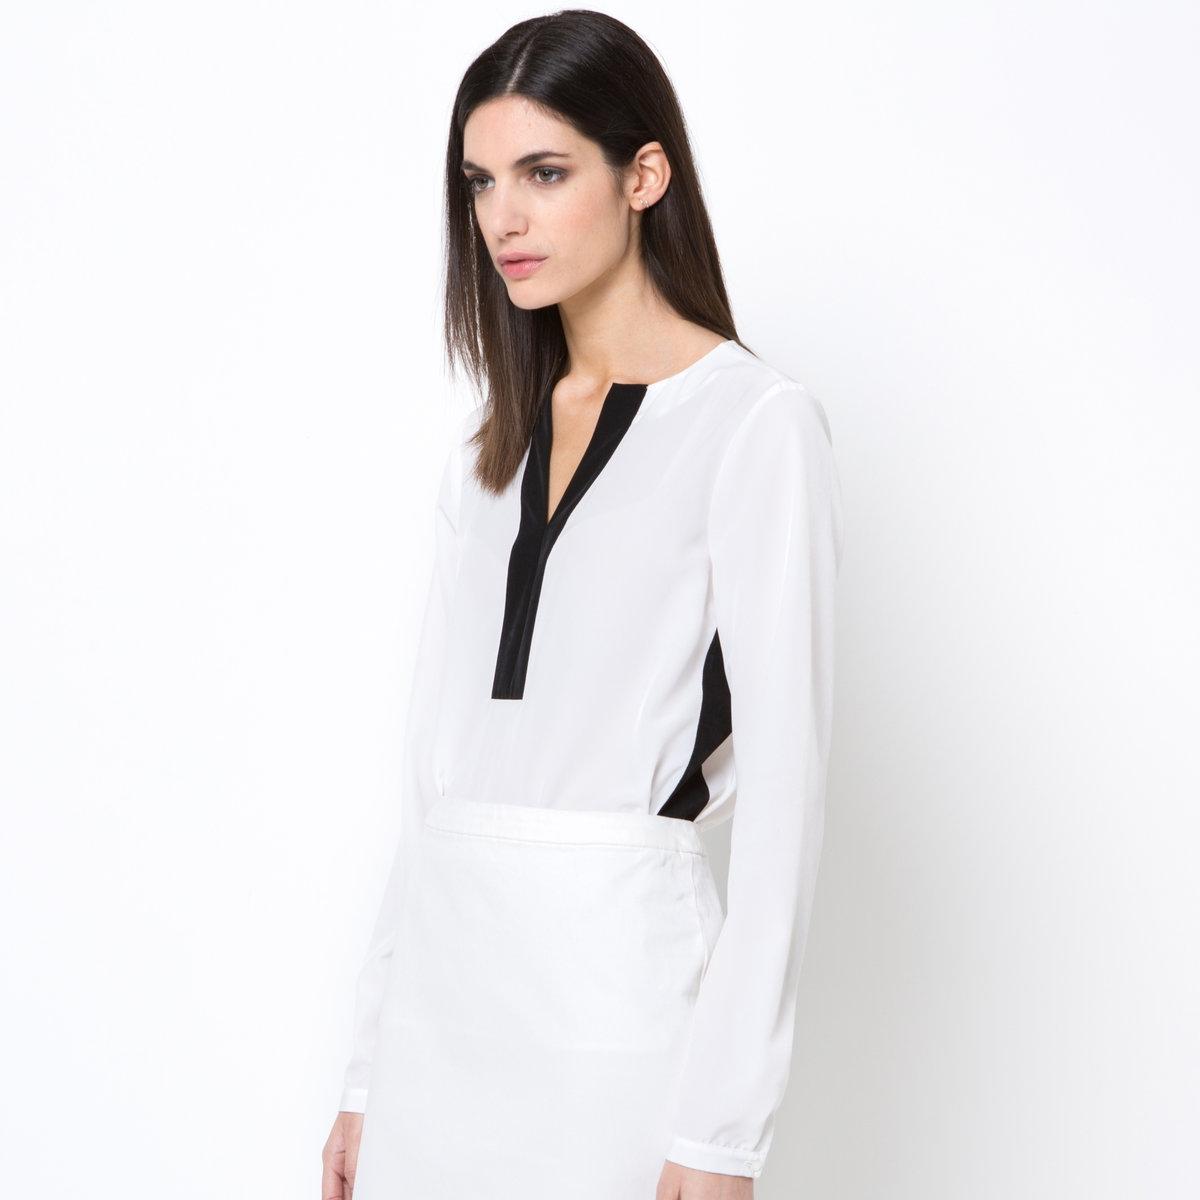 Блузка двухцветнаяДвухцветная блузка. 100% полиэстера. Шлицы по бокам. Контрастные полоски на вырезе и по бокам. V-образный вырез. Длина 60 см.<br><br>Цвет: слоновая кость/ черный<br>Размер: 38 (FR) - 44 (RUS)